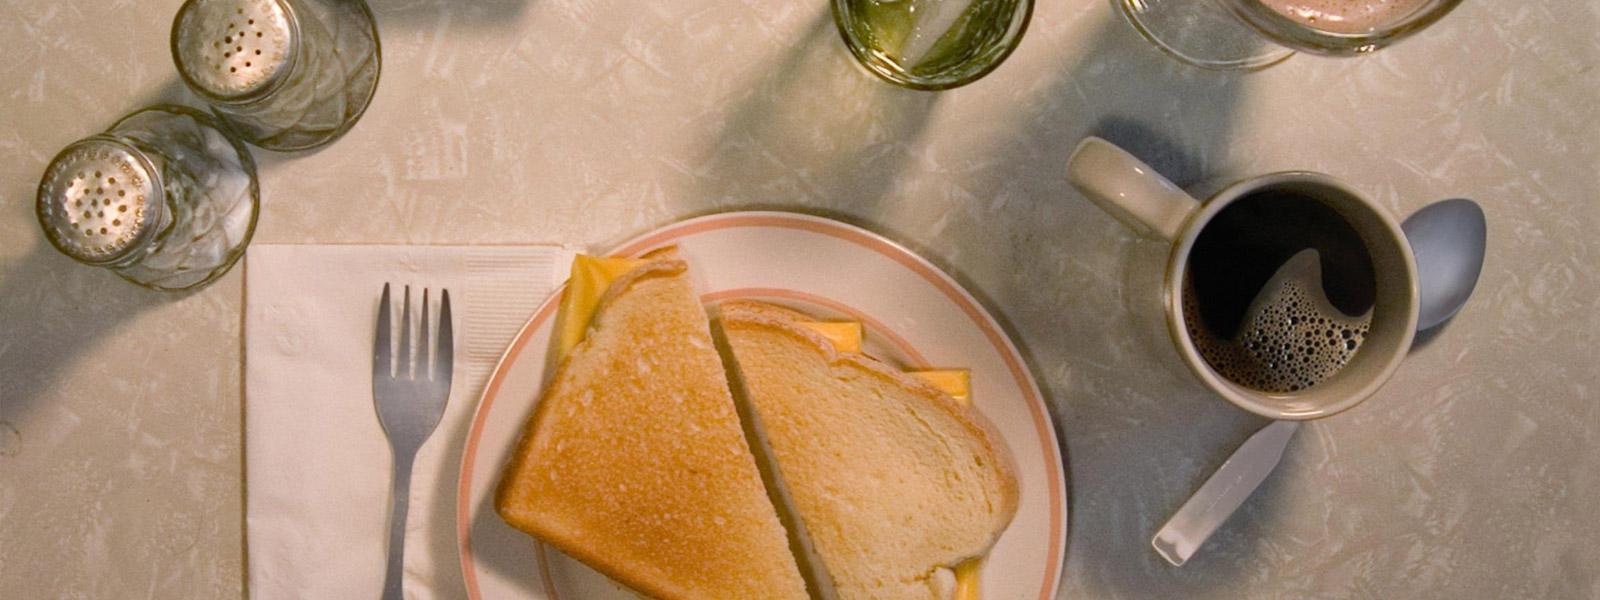 Fictitious Dishes, fotografie che ricreano i celebri pasti della letteratura